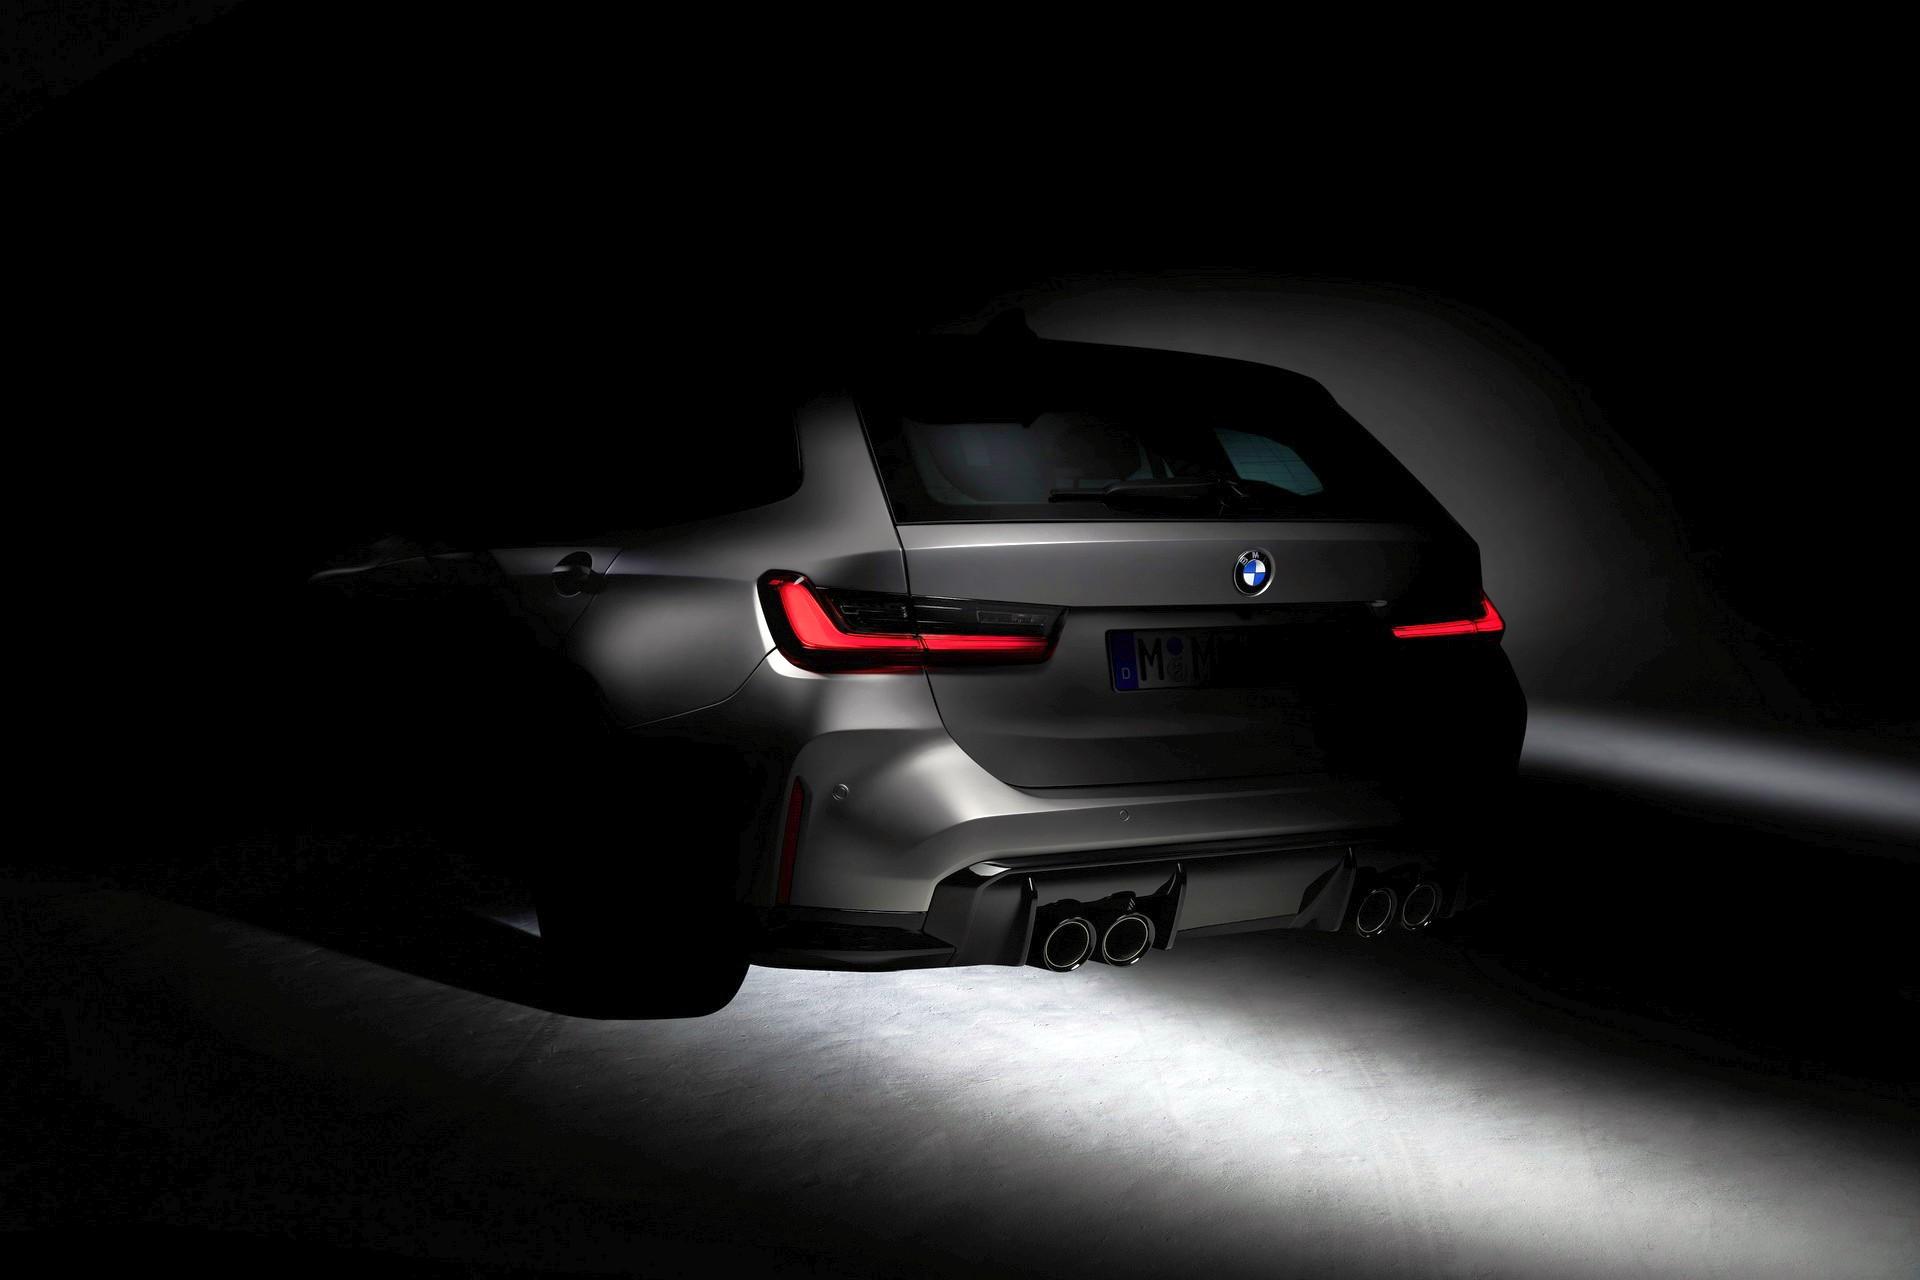 BMW M3 Touring zauważony w czasie testów - oficjalny debiut niedługo